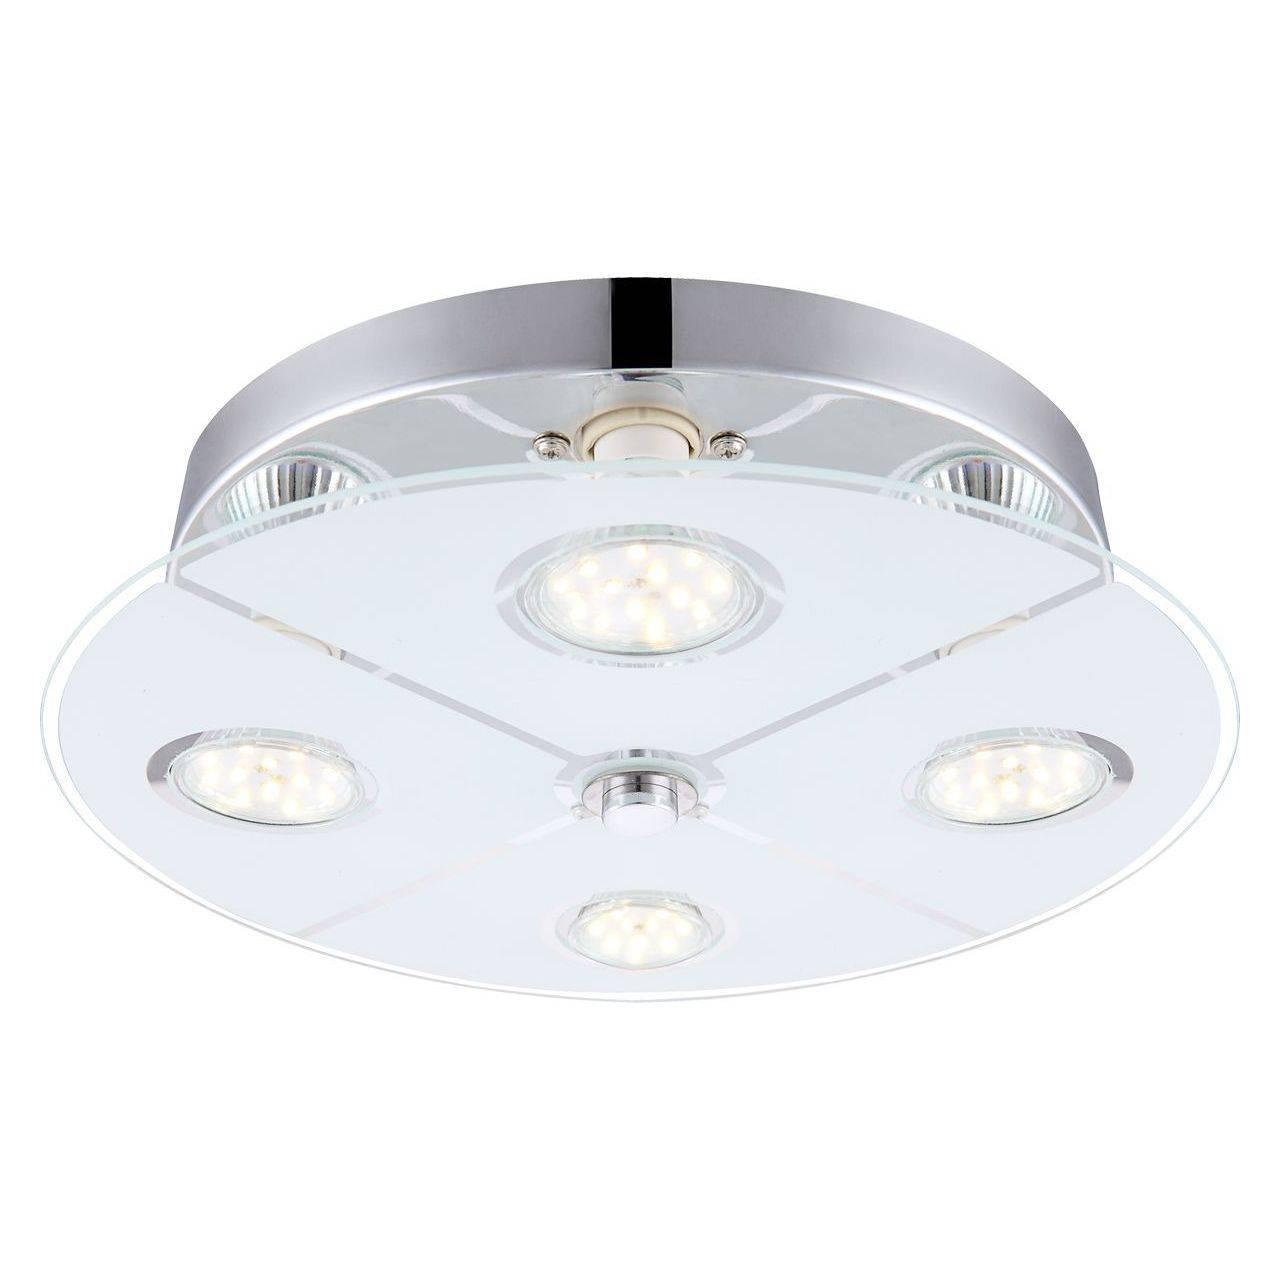 Потолочный светодиодный светильник Globo Rene 48964-4 светильник потолочный globo light 49239 4